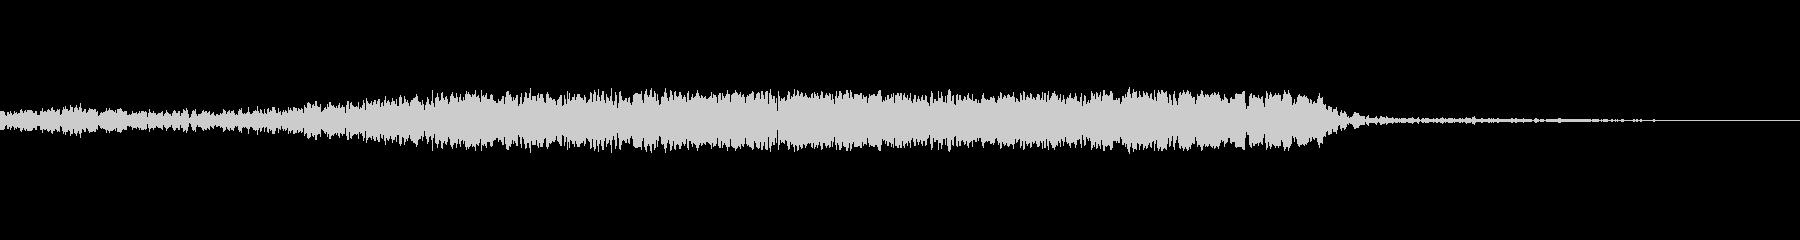 大きな獣のRO;ヴィンテージ録音;...の未再生の波形